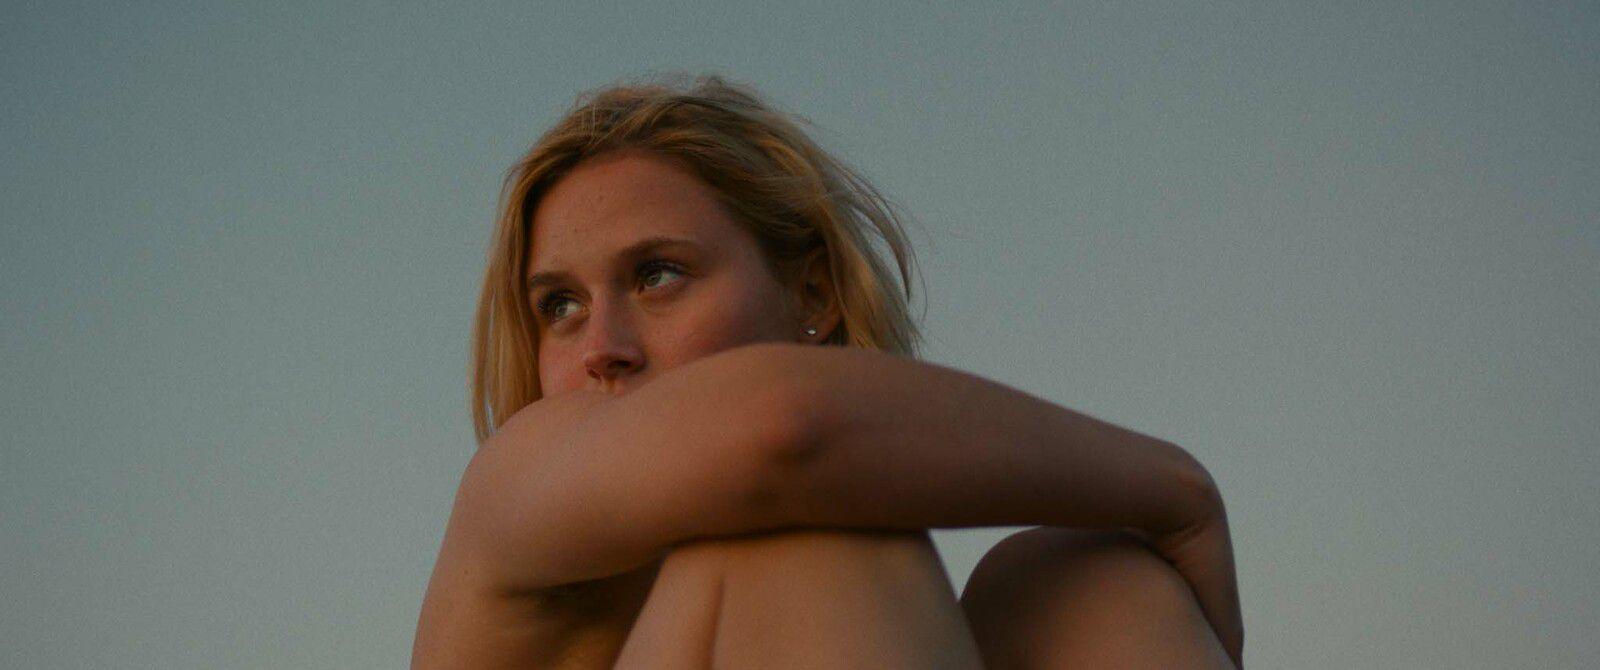 De l'or pour les chiens (BANDE-ANNONCE) de Anna Cazenave Cambet - Le 30 juin 2021 au cinéma